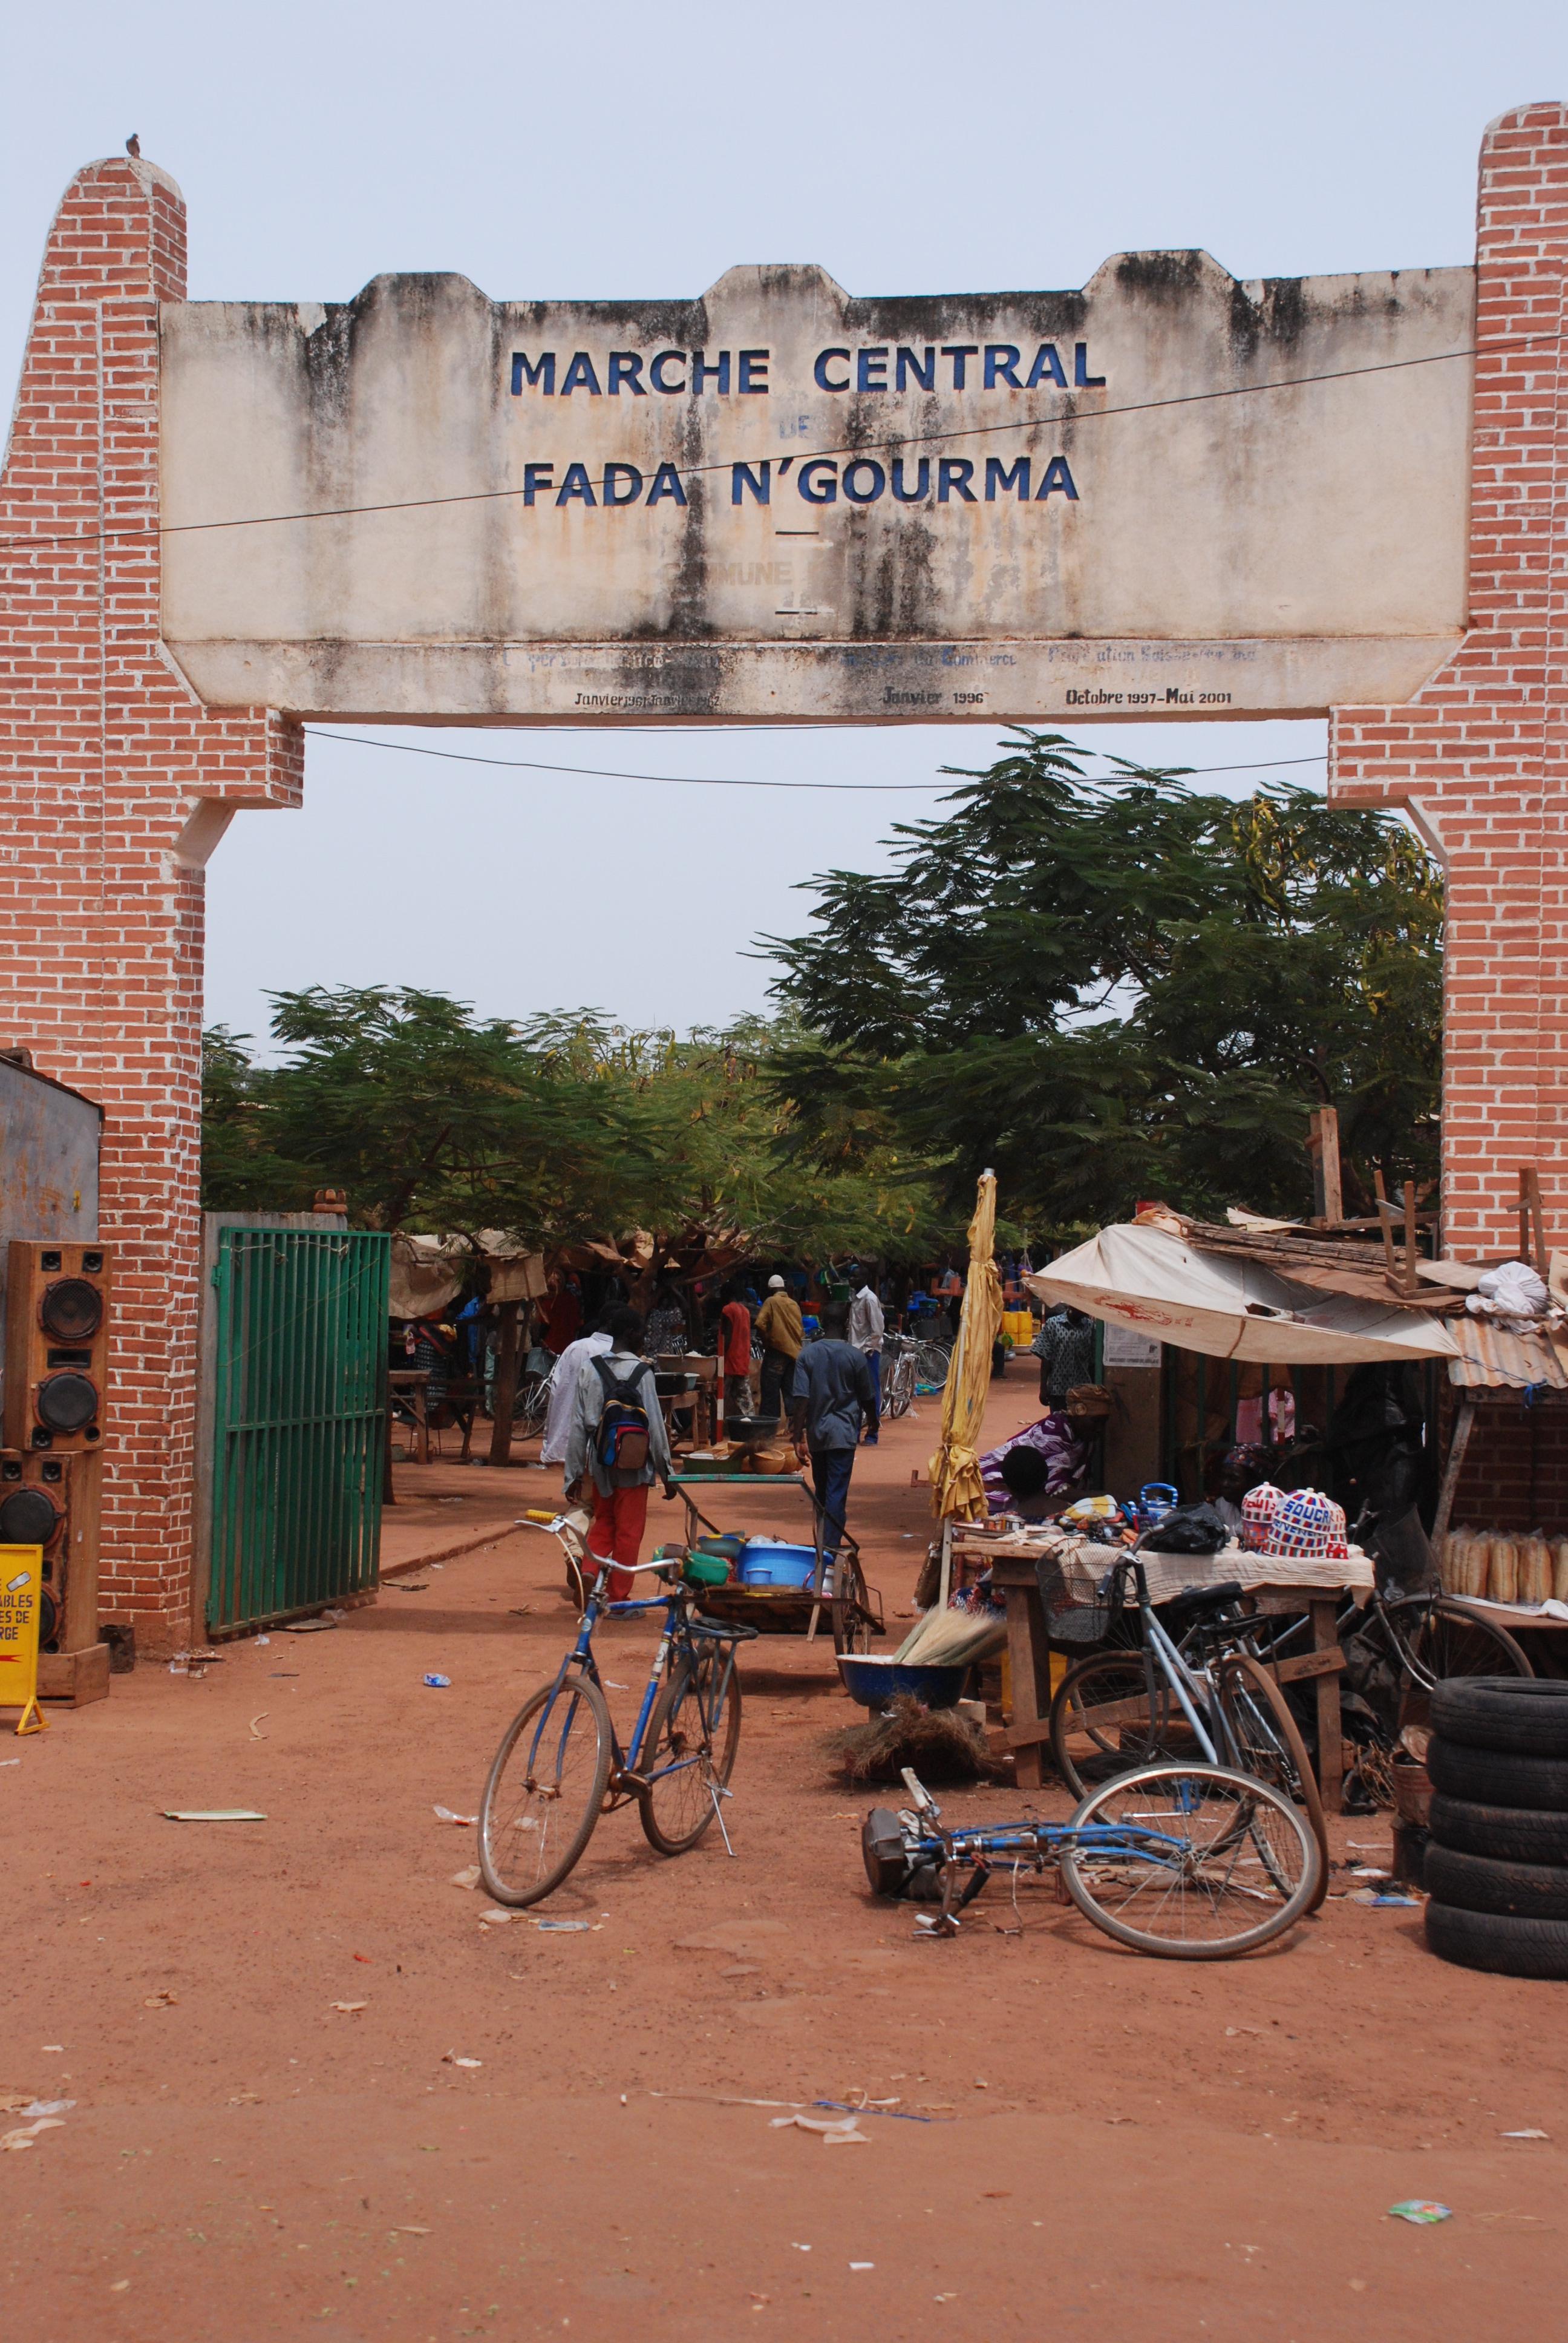 Фада-Нгурма